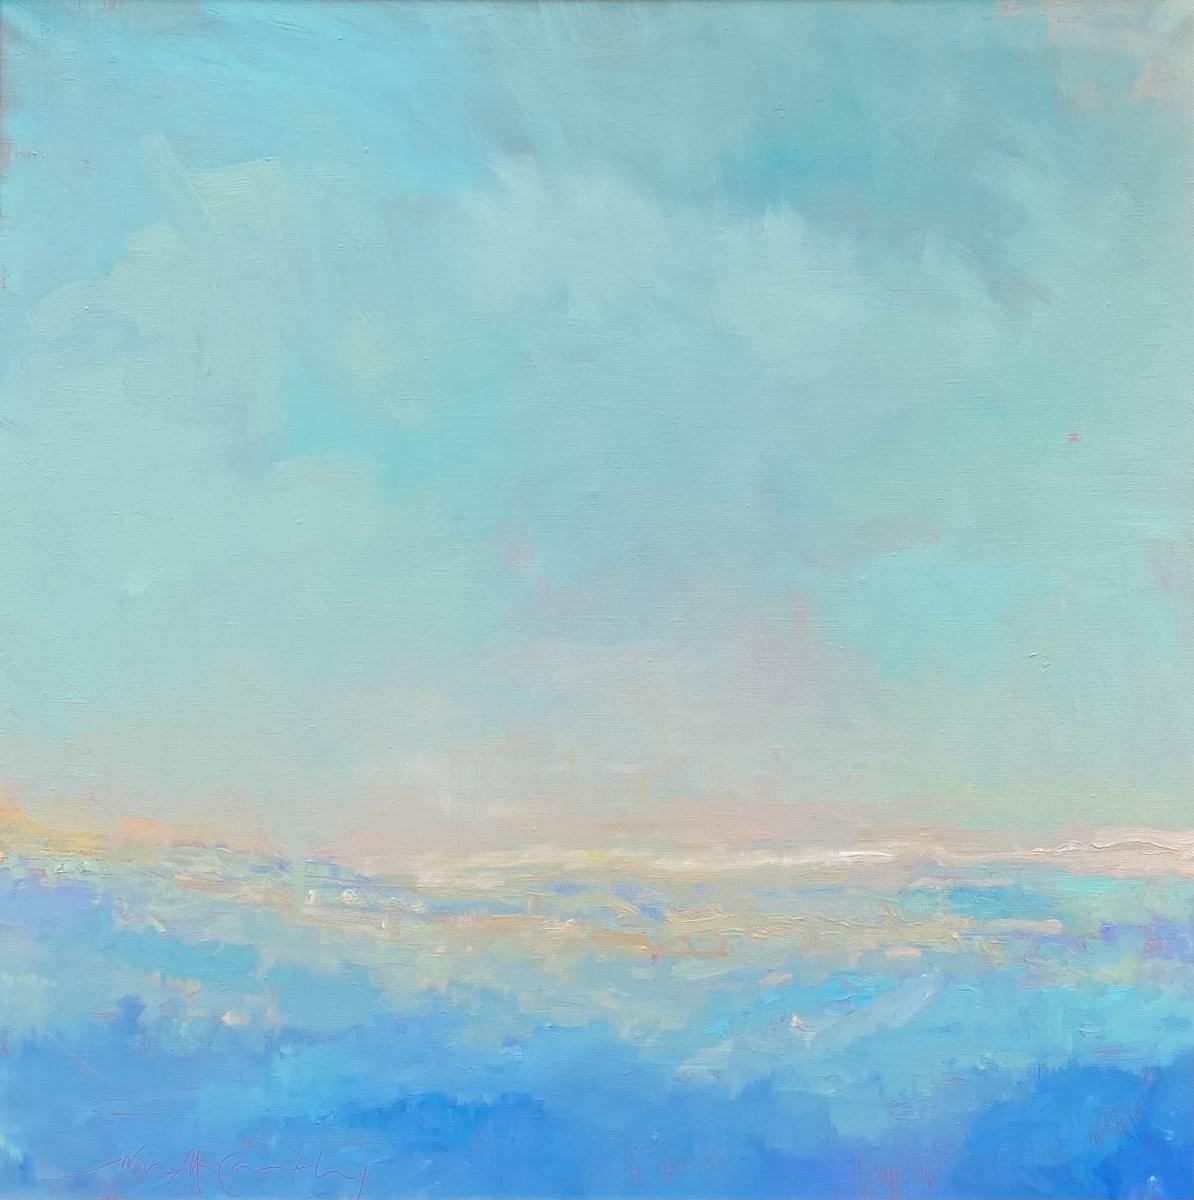 Summer Blush by William McCarthy